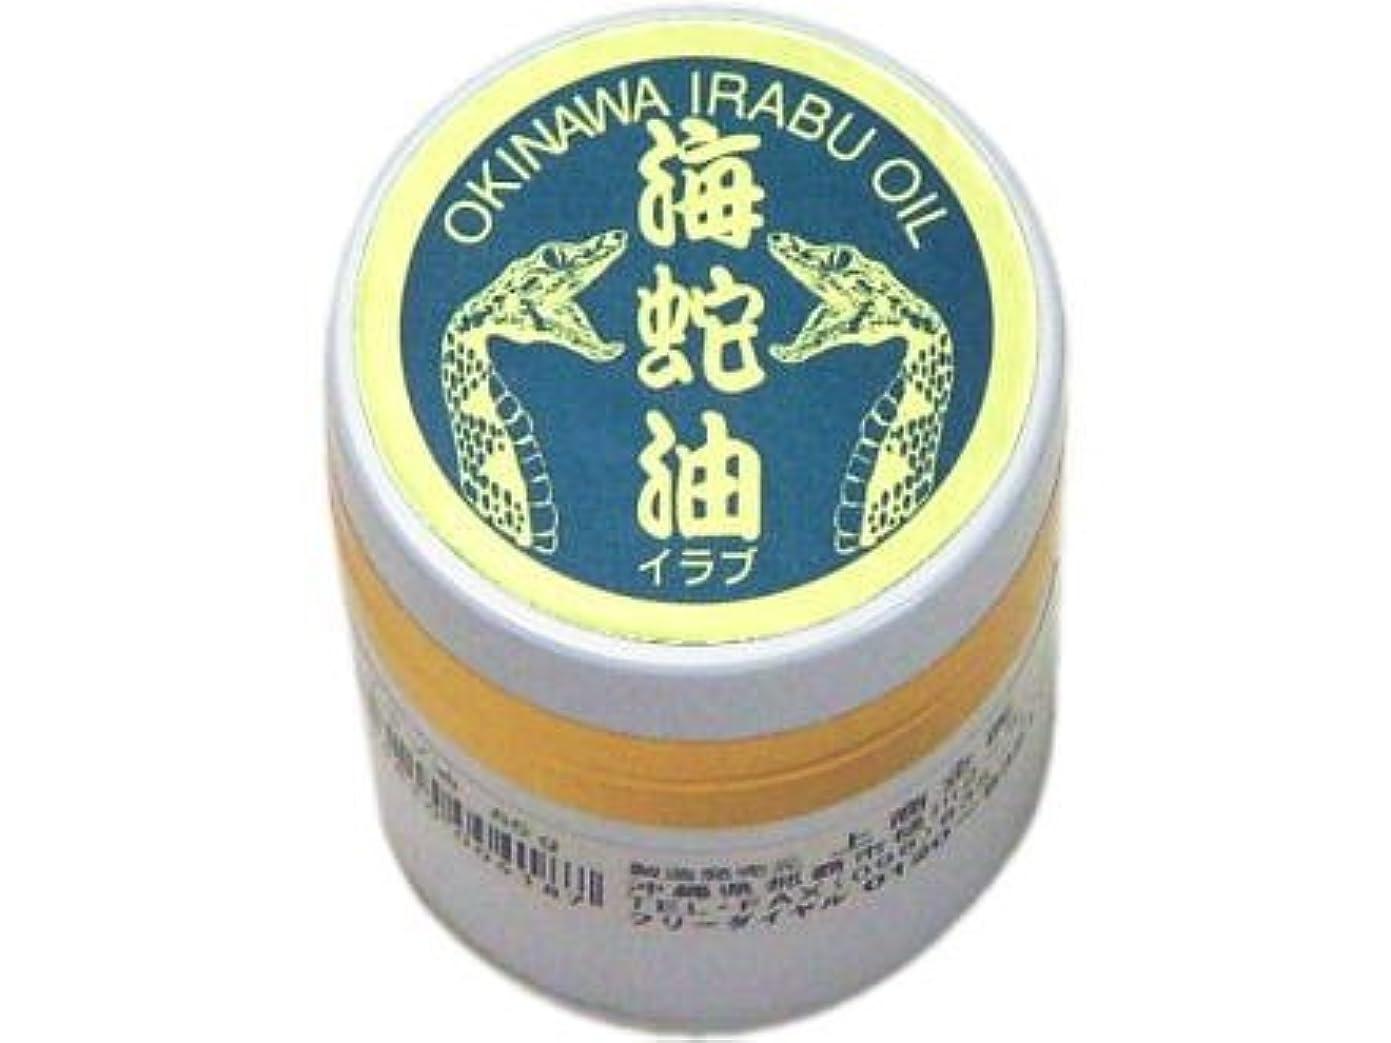 イラブ海蛇油 65g 軟膏タイプ